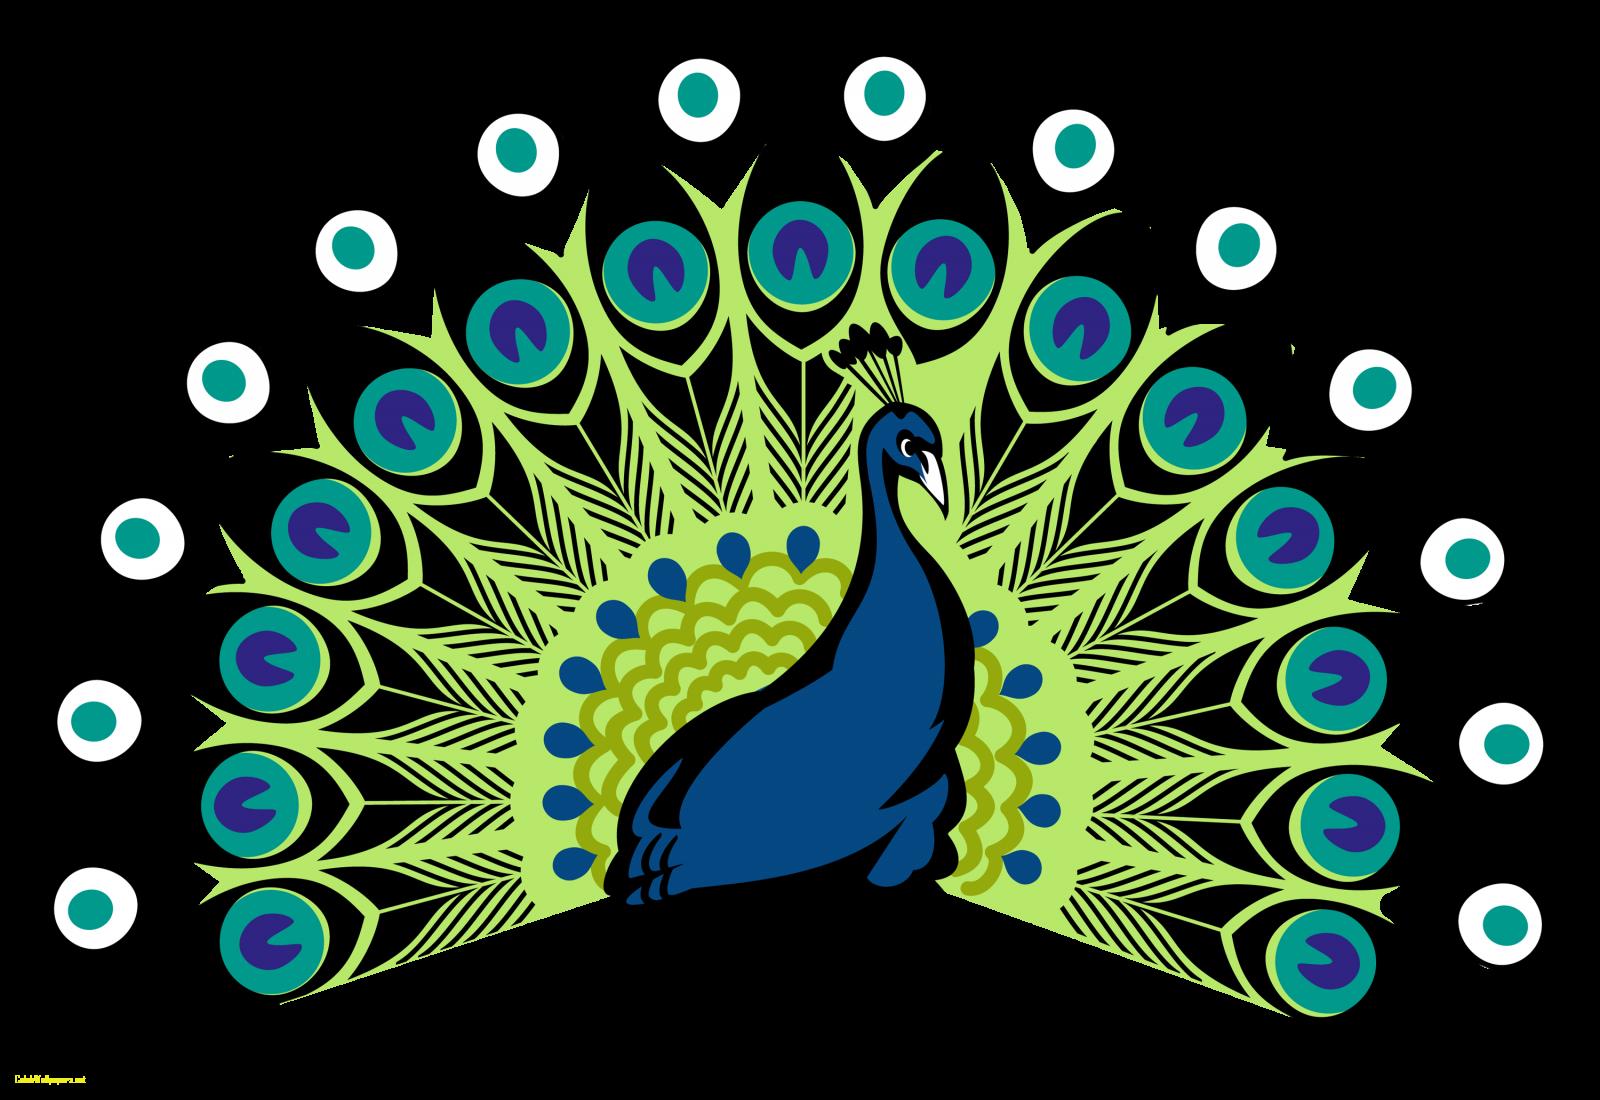 Clipart designs peacock. Peafowl drawing symbol coat